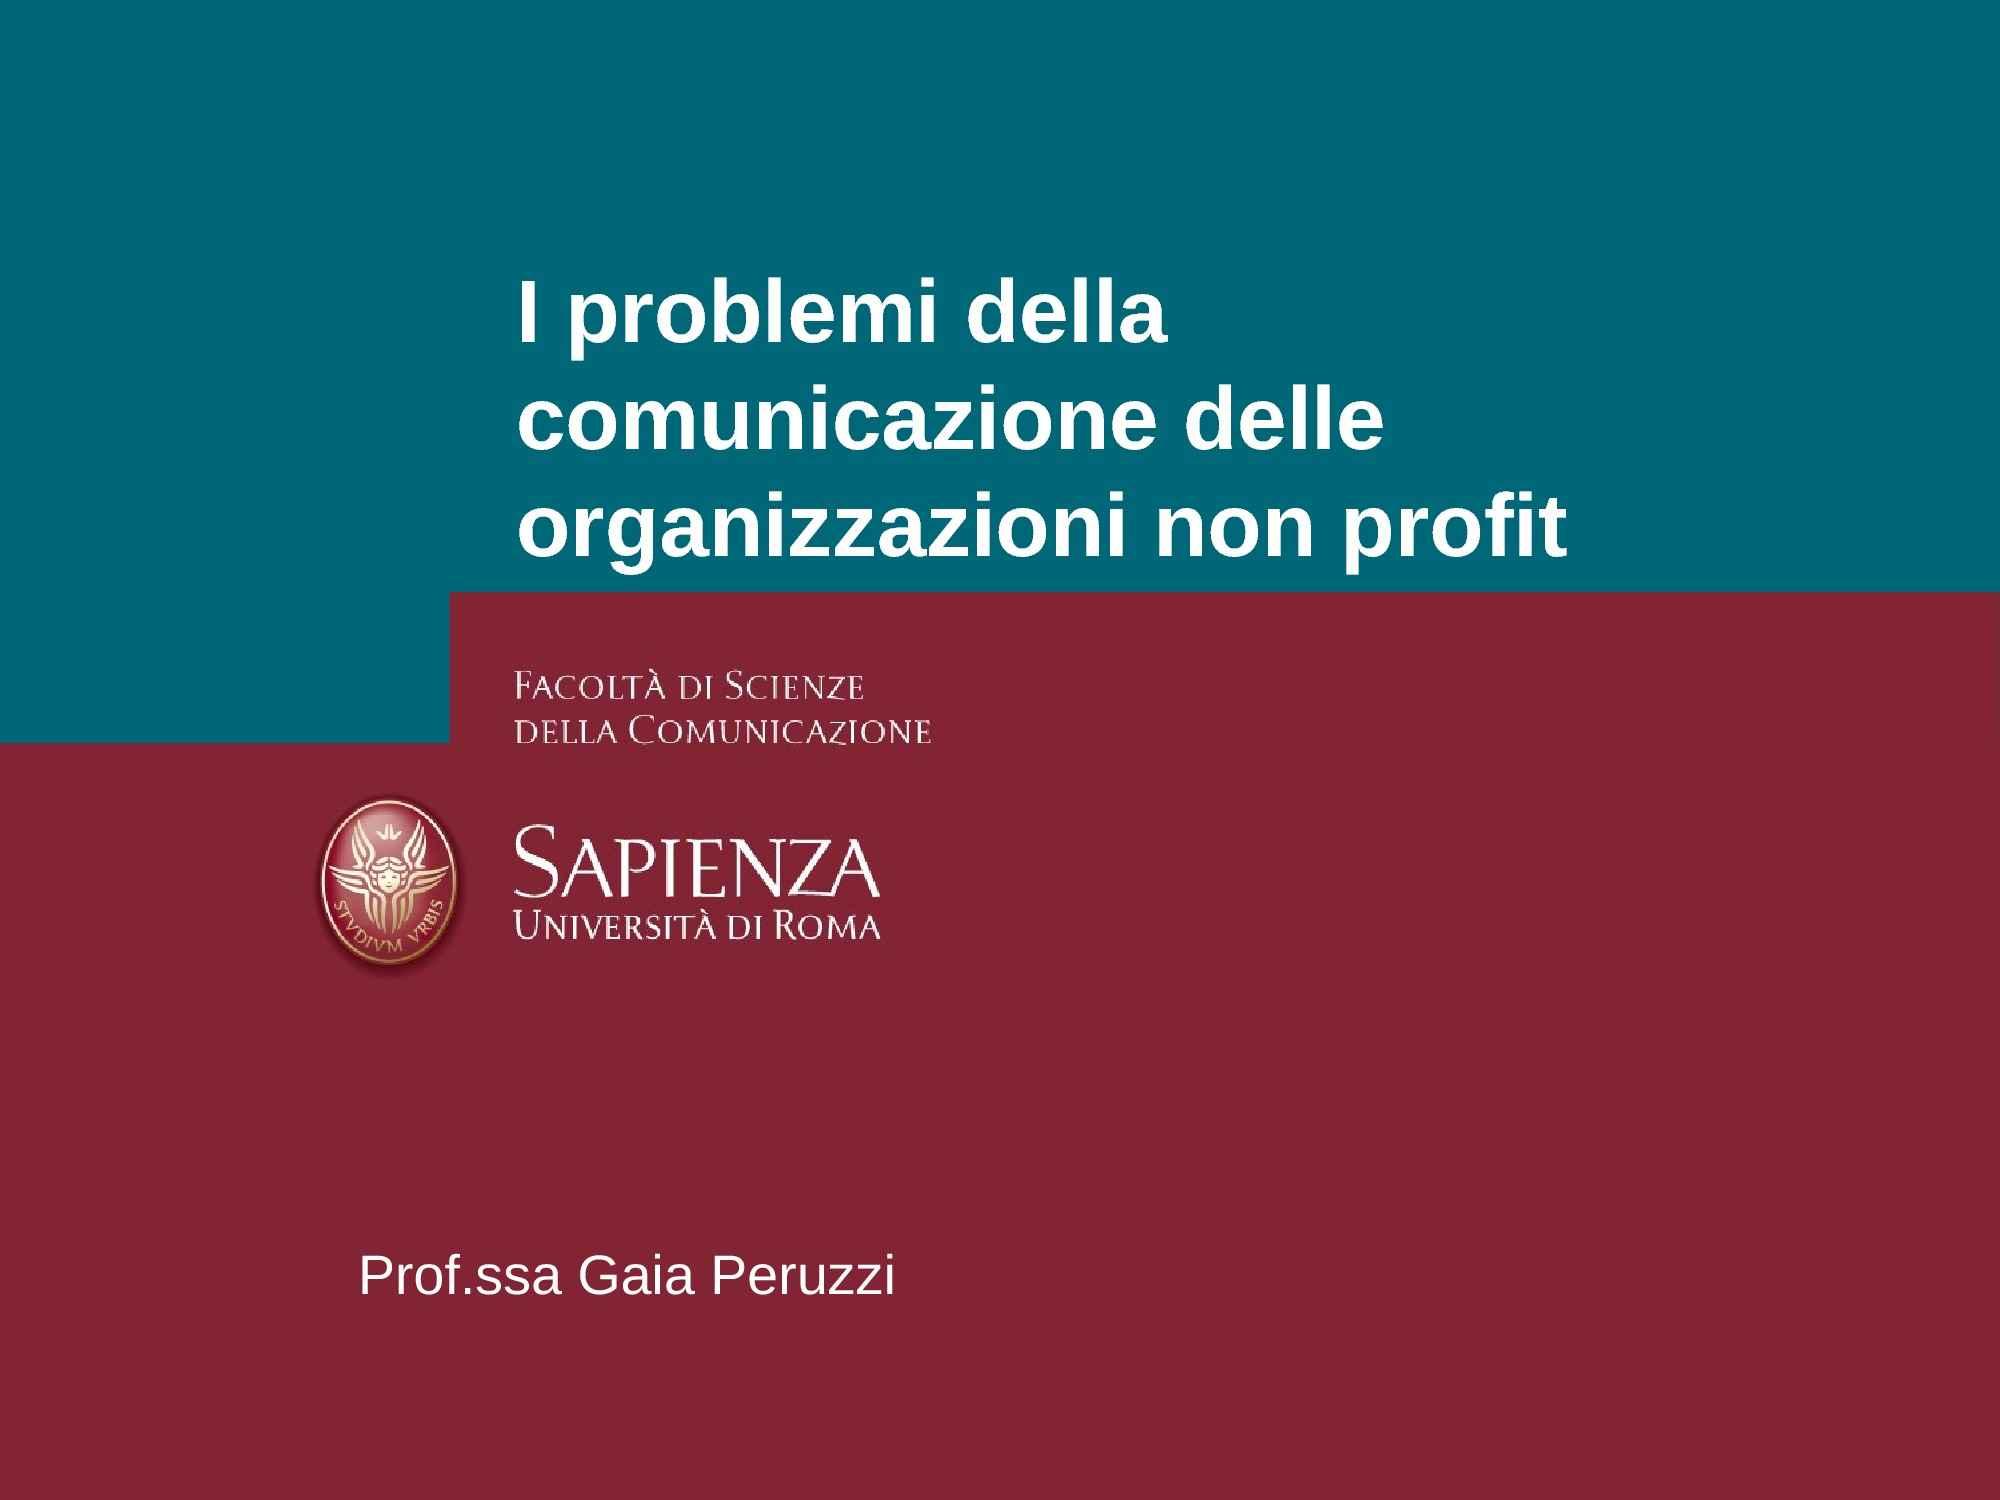 Organizzazioni no profit - Problemi e comunicazione